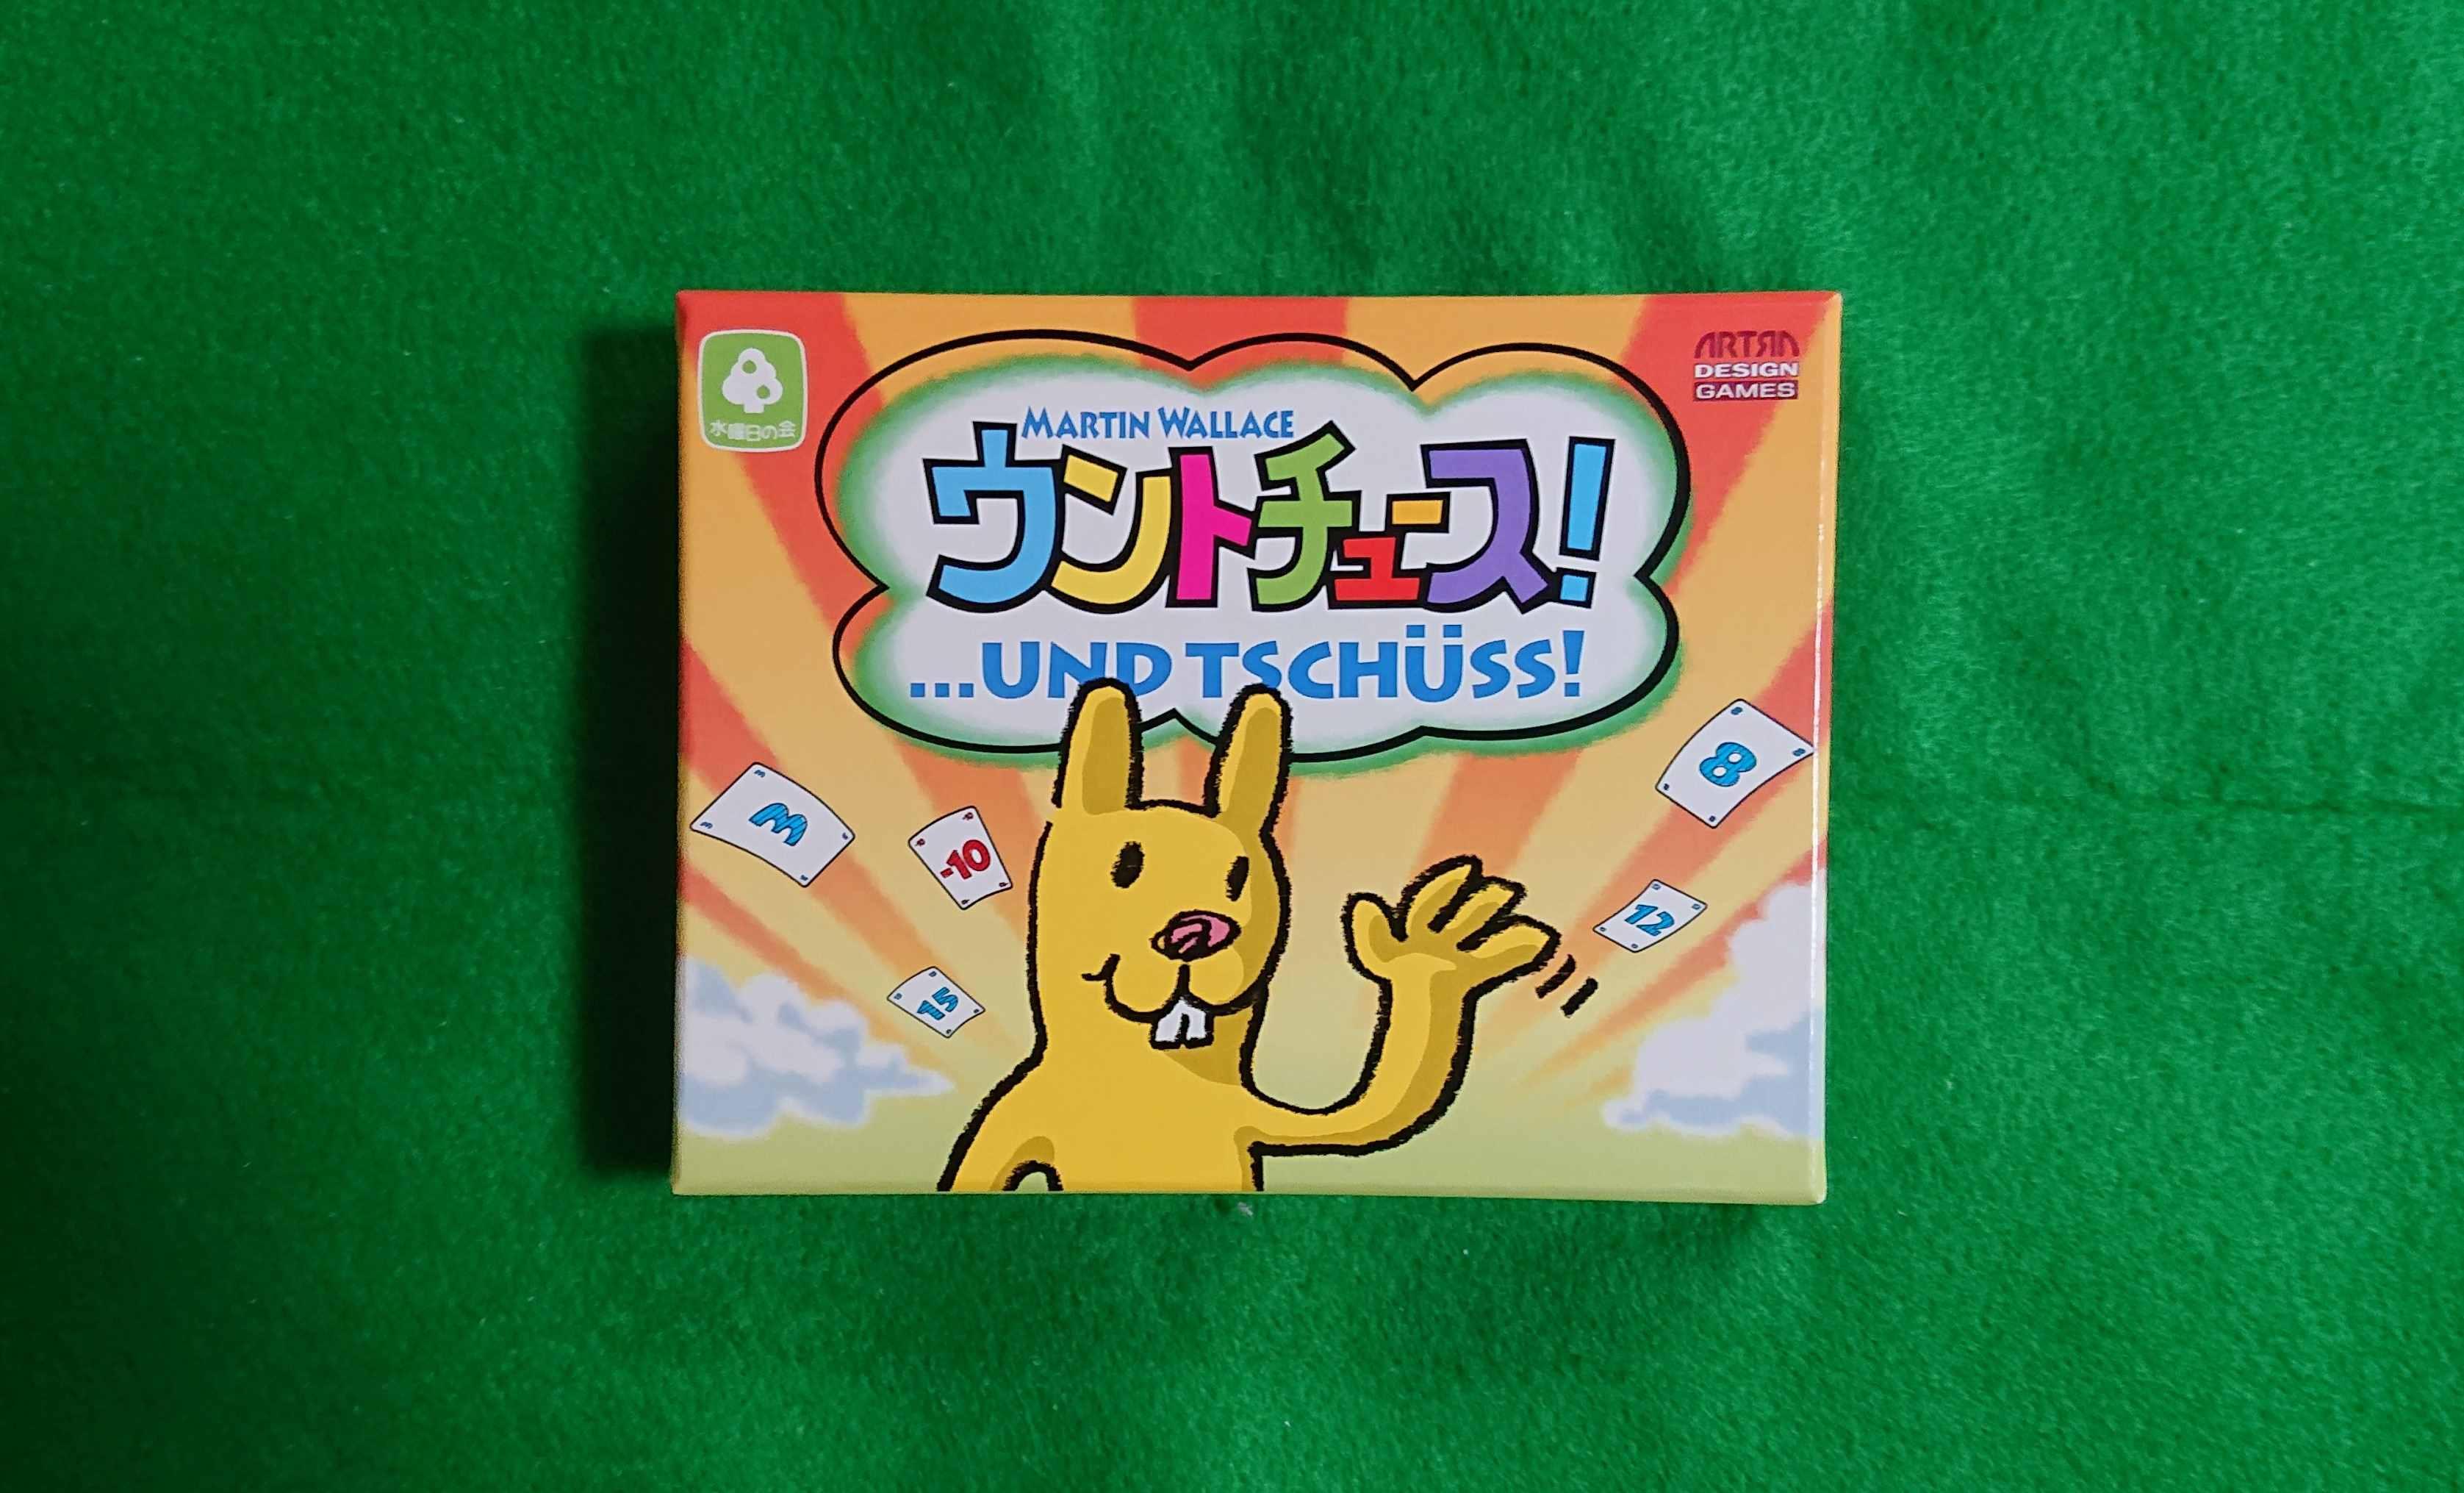 ウントチュース トリックテイク系カードゲーム チュースと言ってゲームから抜けよう! ルール説明 ボードゲーム